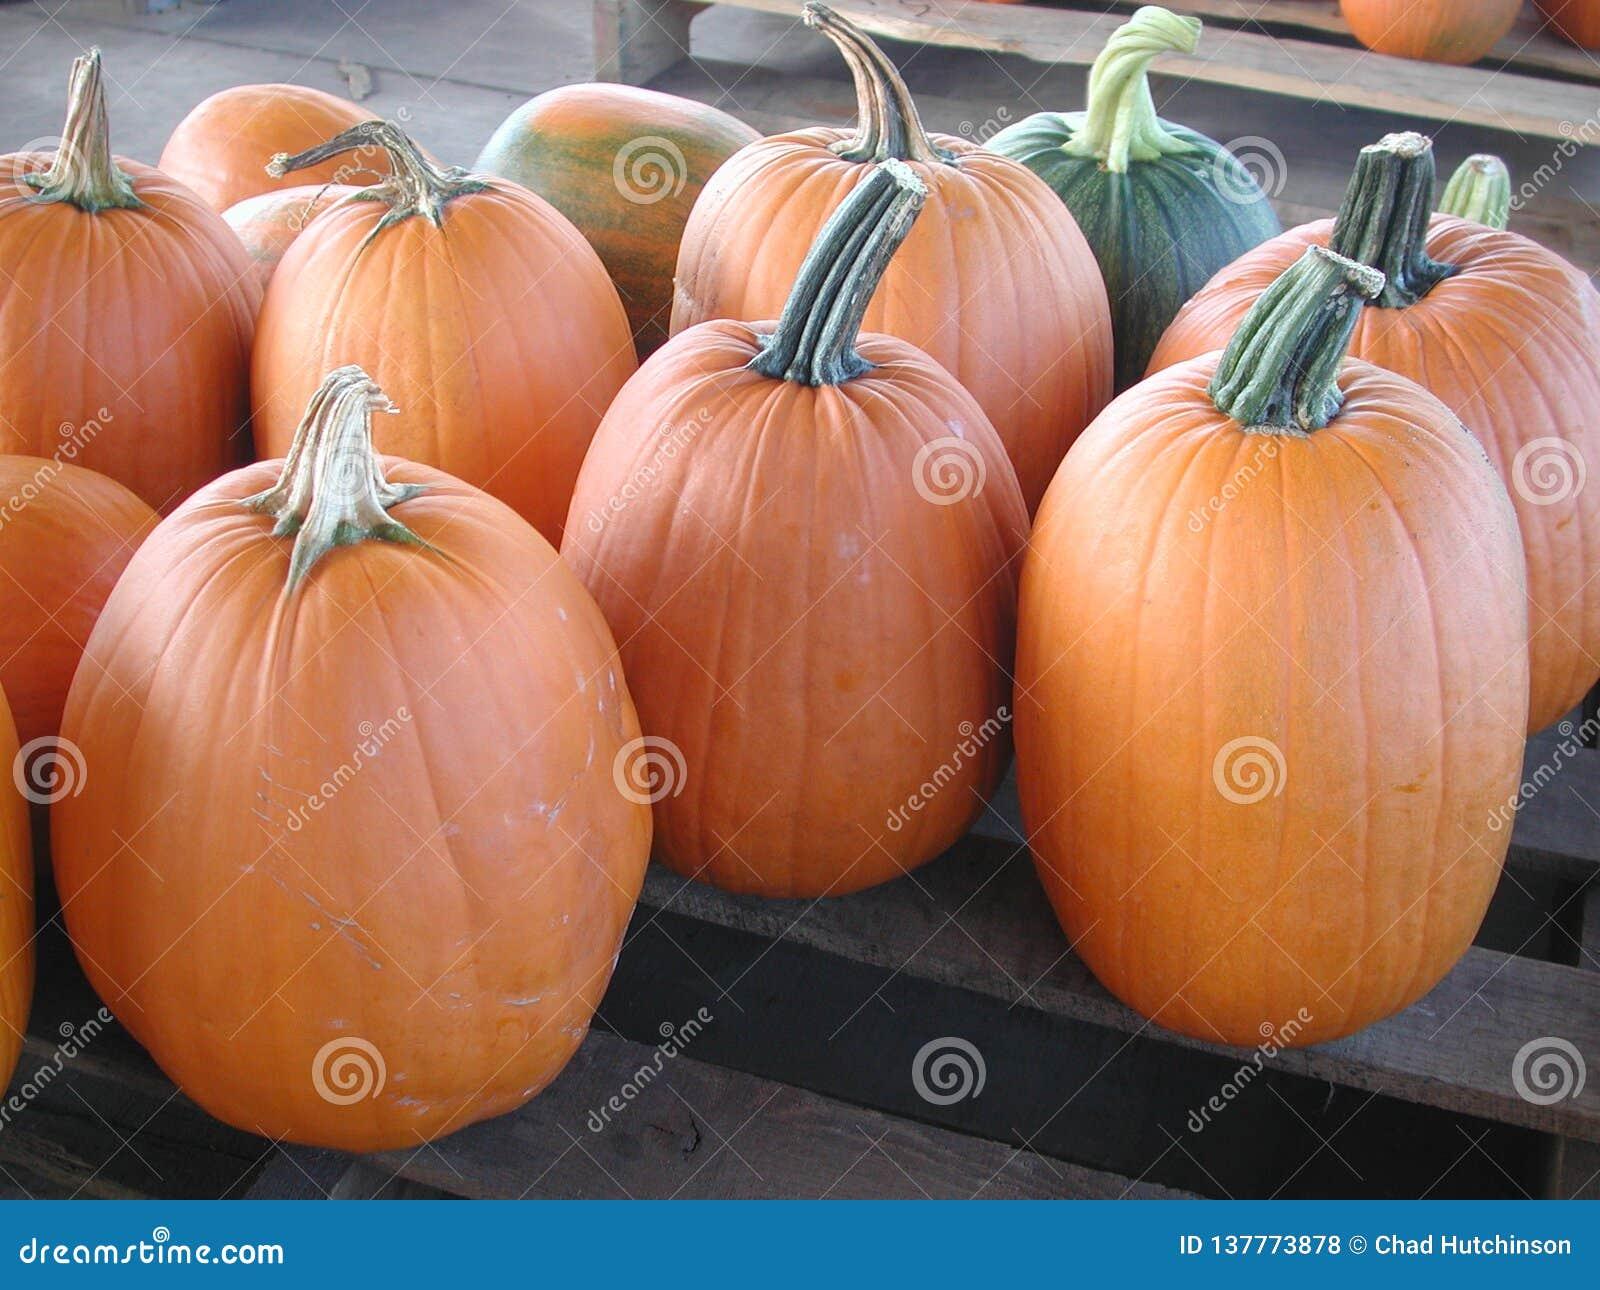 Potirons oranges grands sur une palette en bois